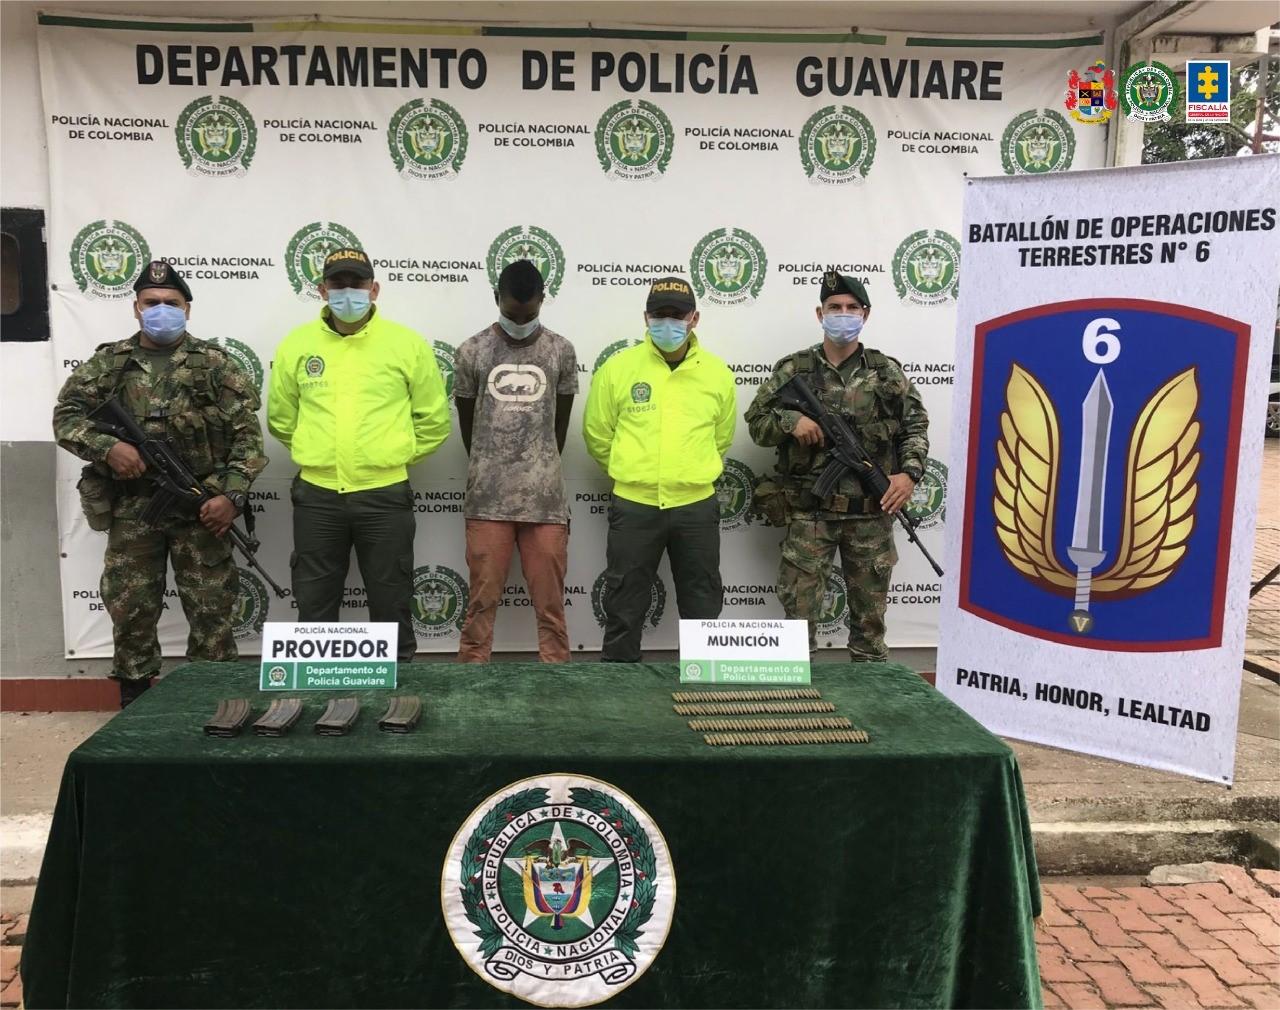 A prisión un hombre capturado en Guaviare por presunto tráfico de armas - Noticias de Colombia